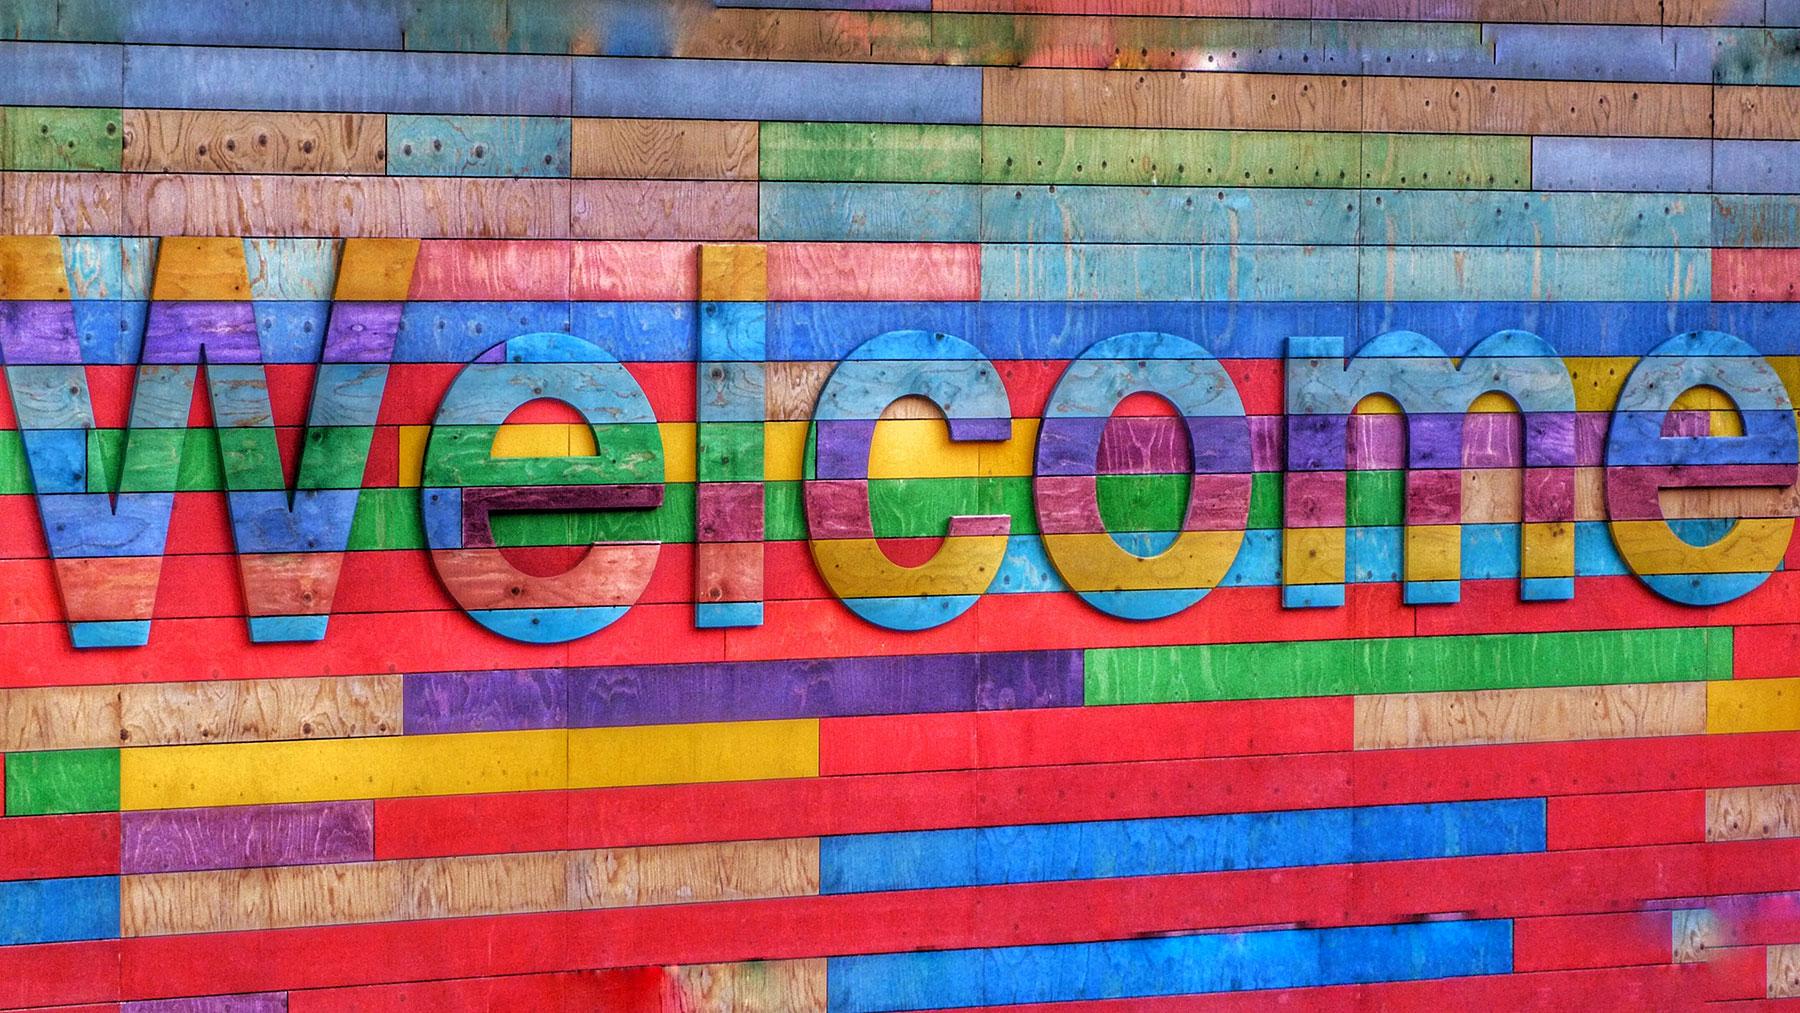 Tourismusmarketing: Authentisch und mit offenen Armen